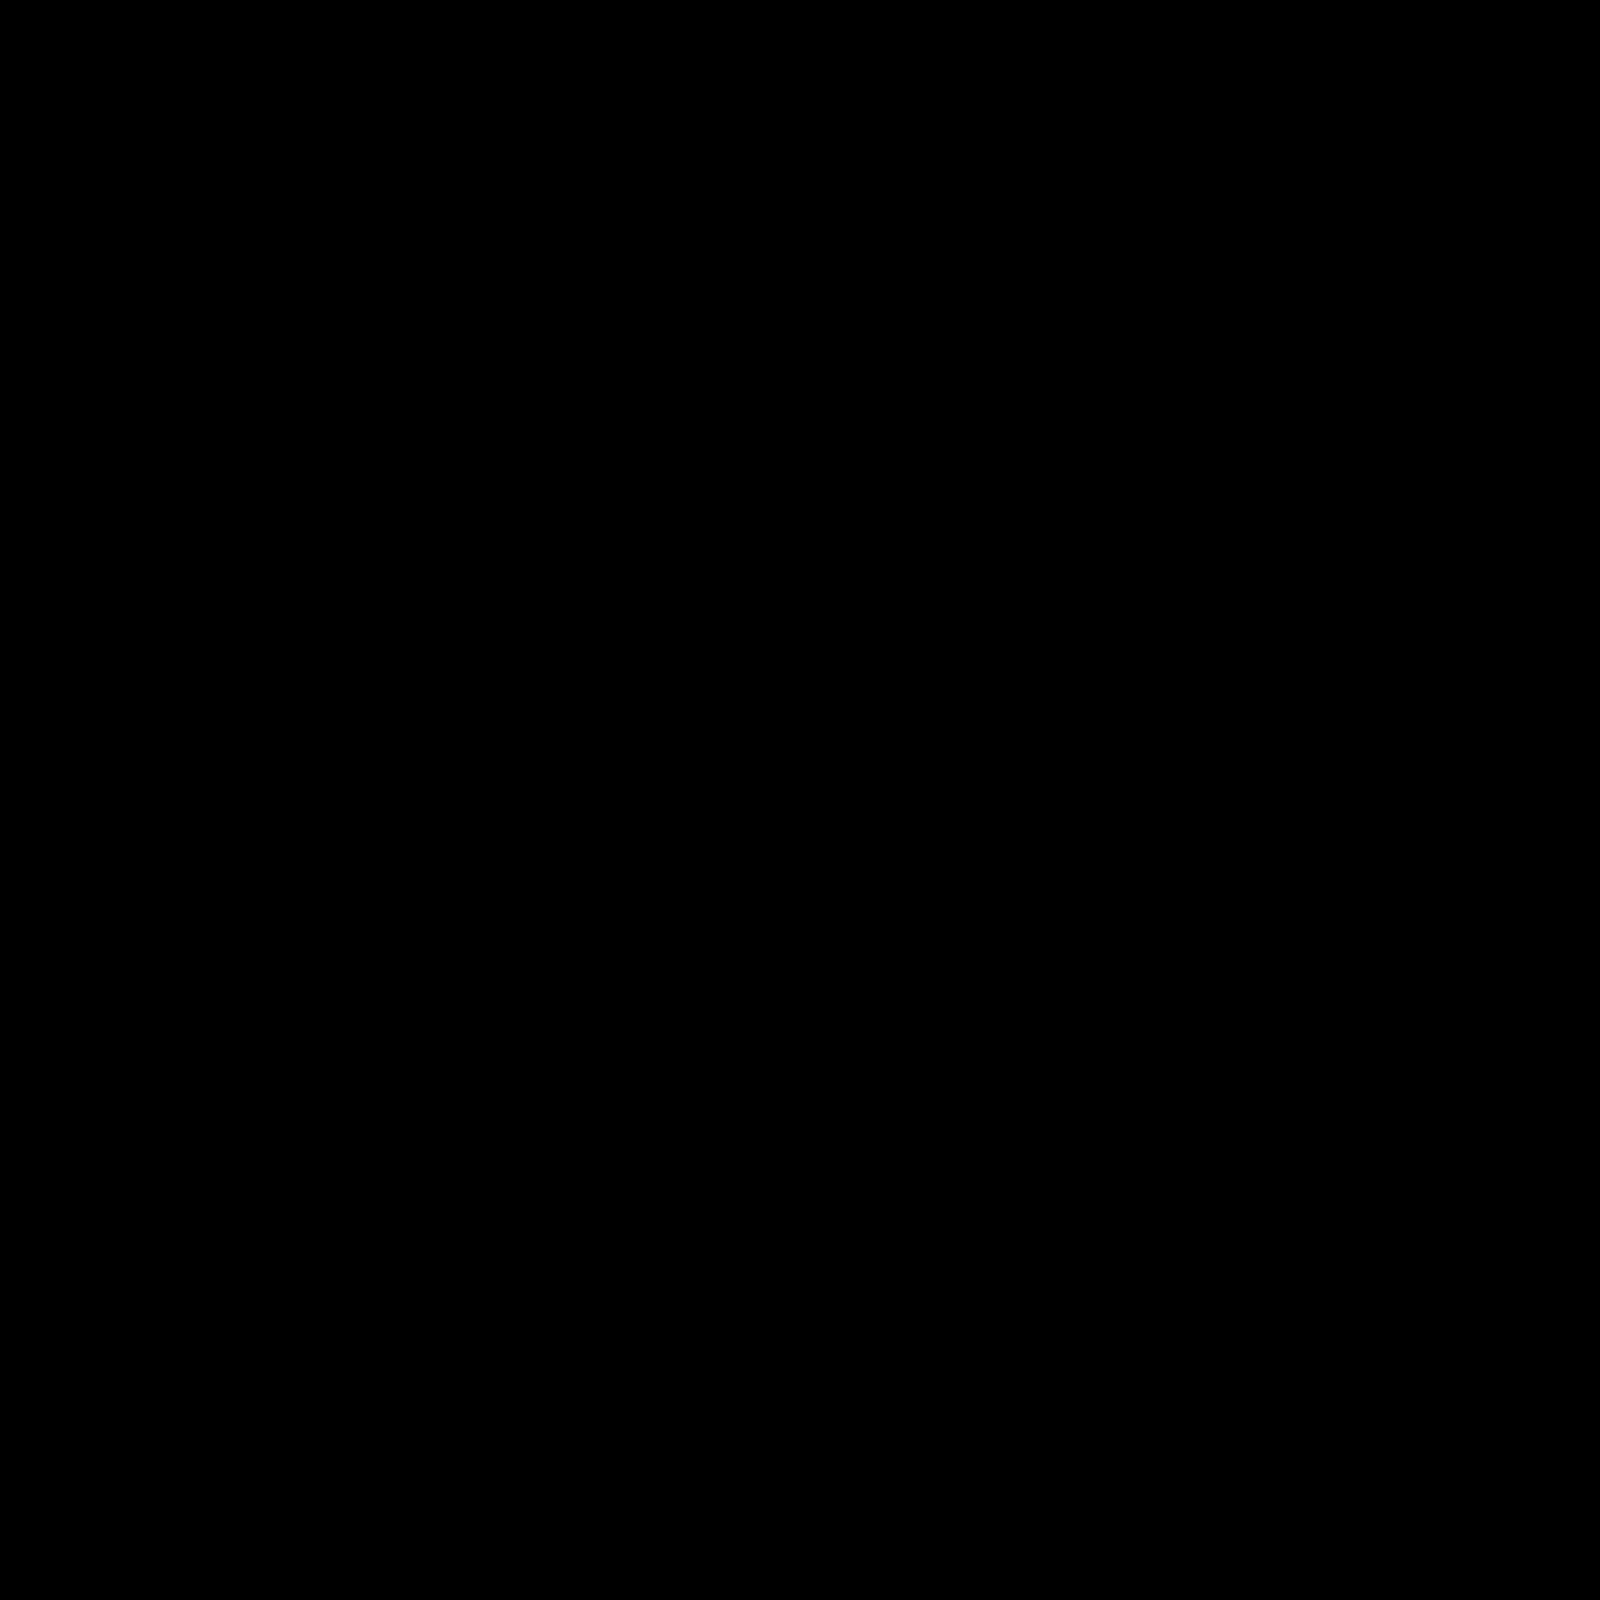 シーソー icon. This is a picture of two people, perhaps children, on a seesaw. there is a spring underneath the seesaw balancing it. the person on the right is higher up than the leftmost person